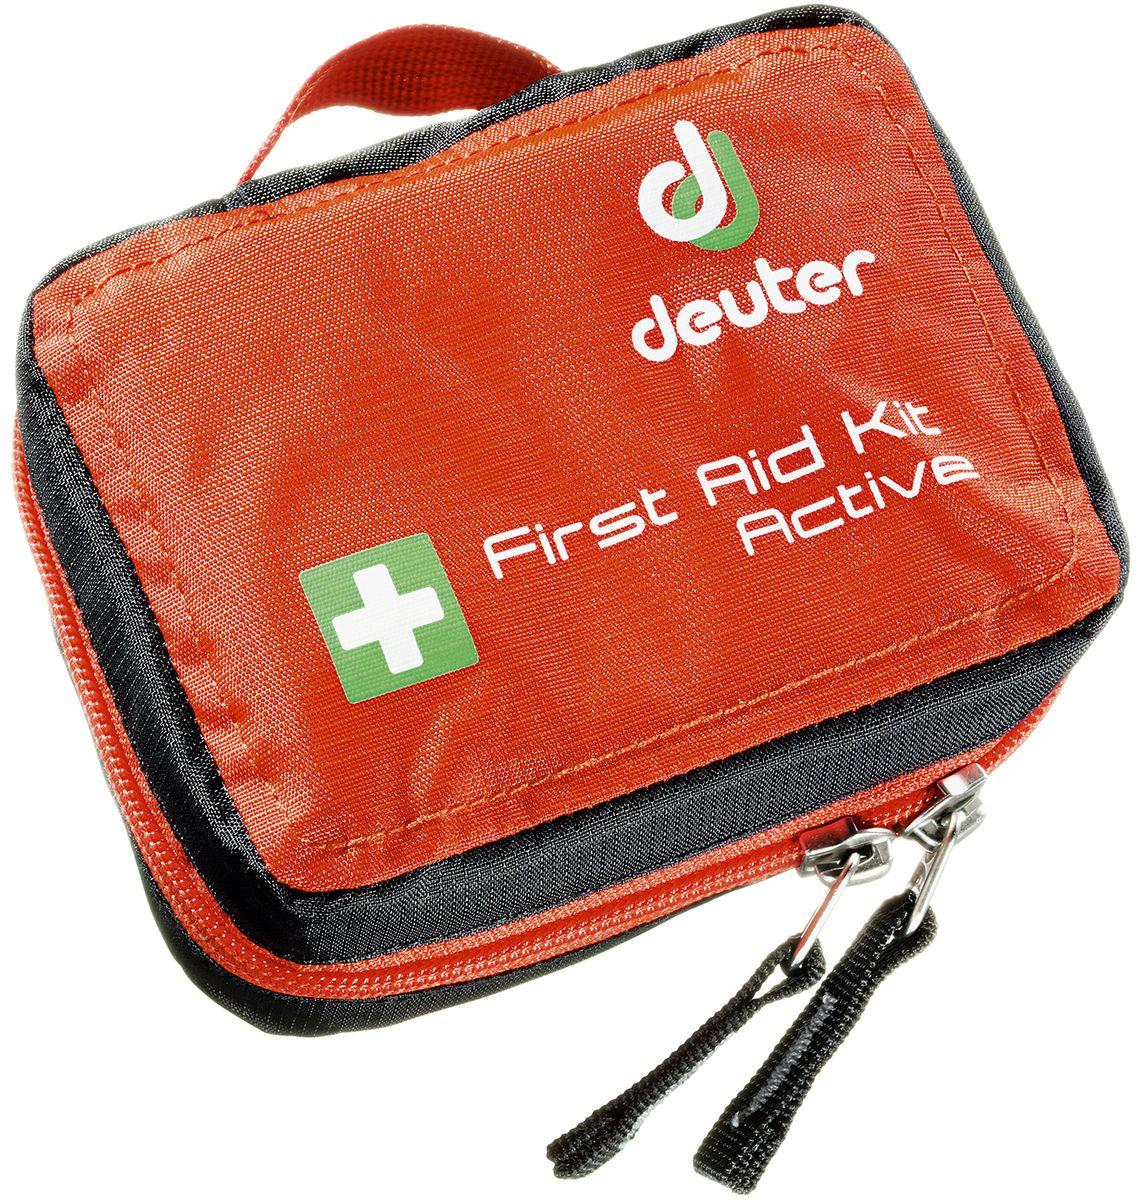 Аптечка Deuter First Aid Kit Active, цвет: красный4943016_9002Очень удобная аптечка с круговой молнией и быстрым доступом к содержимому.- быстрый доступ ко всему содержимому благодаря круговой молнии;- инструкции по оказанию первой помощи;- петля для набедренного ремня;- ручка для переноски;- SOS лейбл.- Материал: Ripstop-Nylon.- Вес: 160 грамм.- Размеры: В x Ш x Г: 9 x 12 x 5 см.